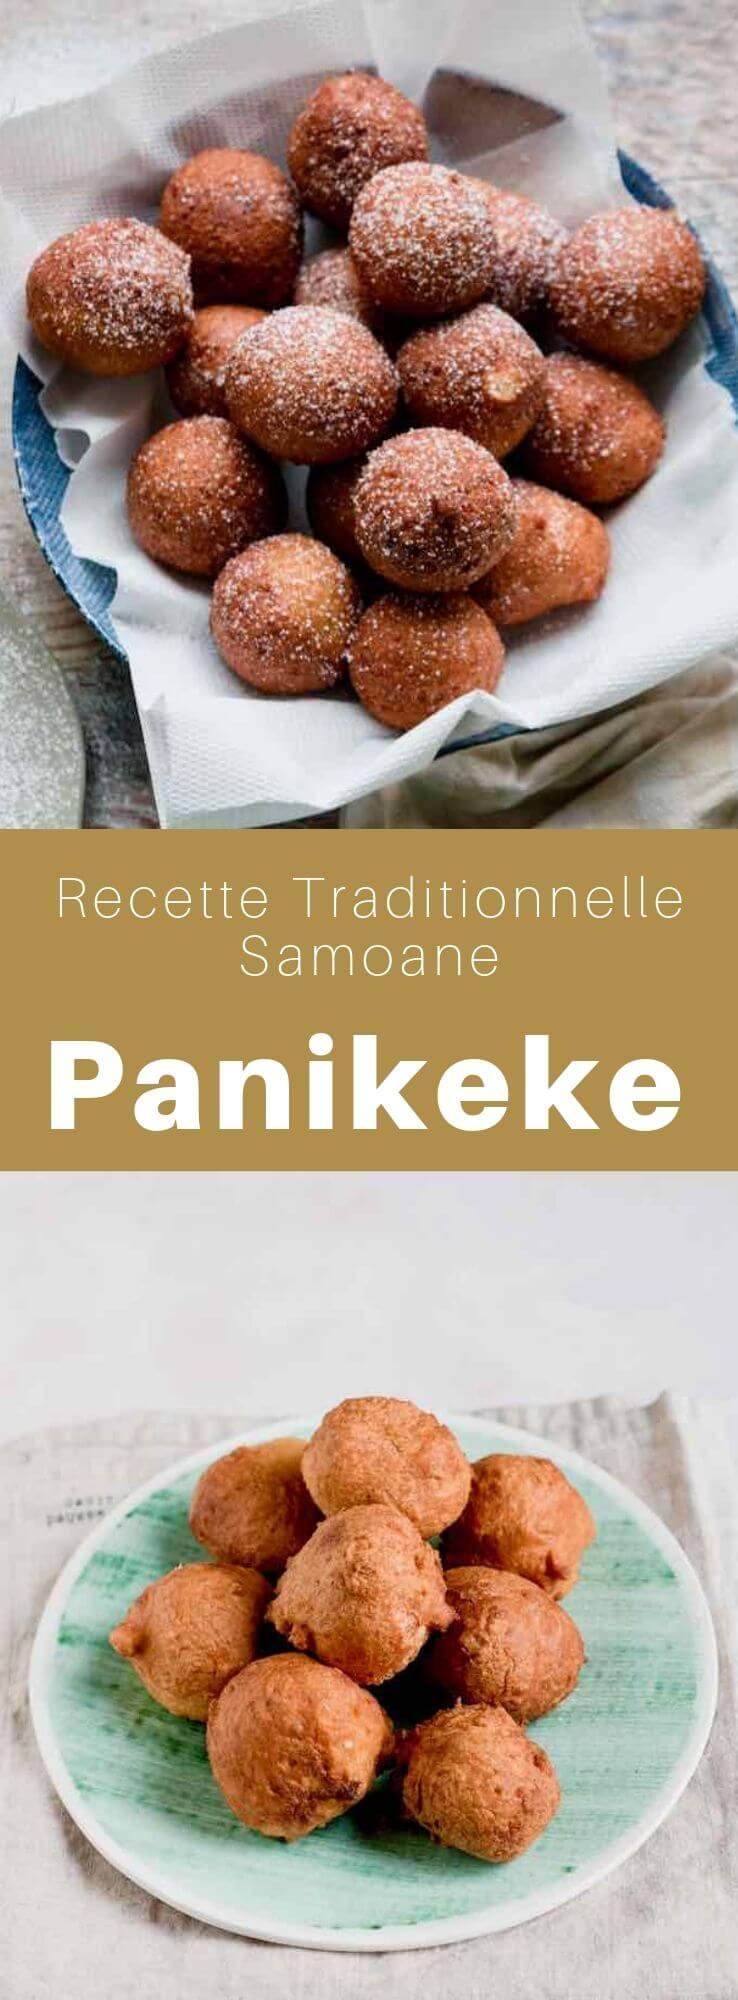 Le panikeke, également appelé lapotopoto, keke isite, ou tama est un beignet sucré, traditionnel des îles Samoa, Tonga et Palaos. #Samoa #RecetteSamoane #CuisineSamoane #Palaos #Tonga #Oceanie #CuisineDuMonde #196flavors